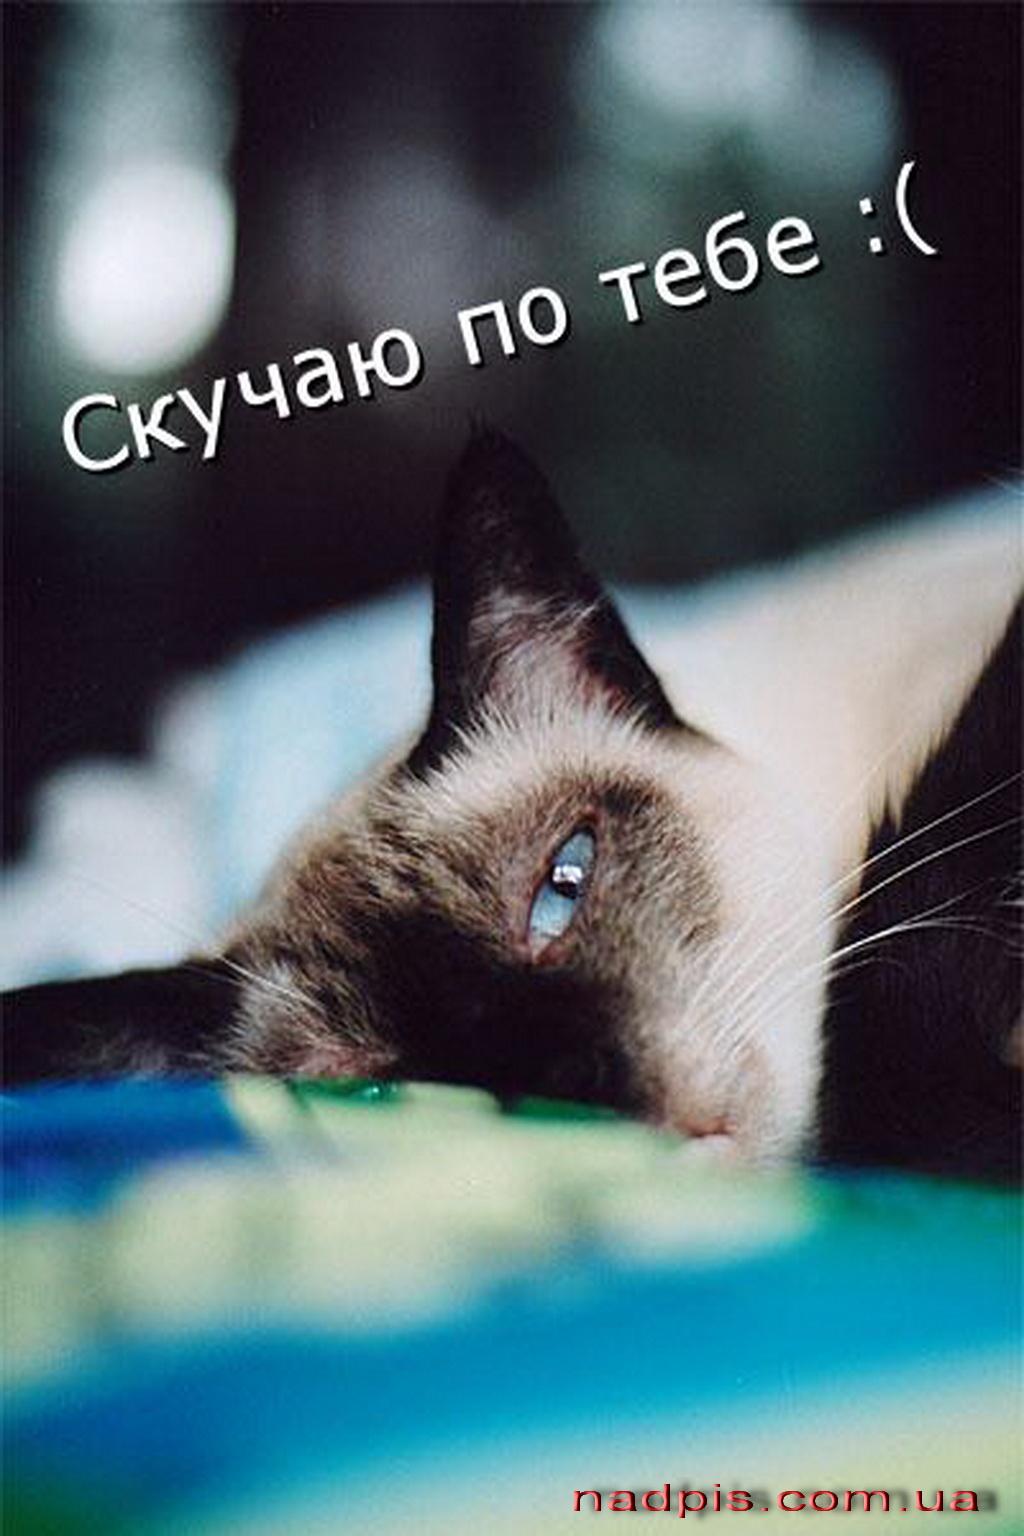 Анастасию Заворотнюк трахают во все дыры (ФОТО)